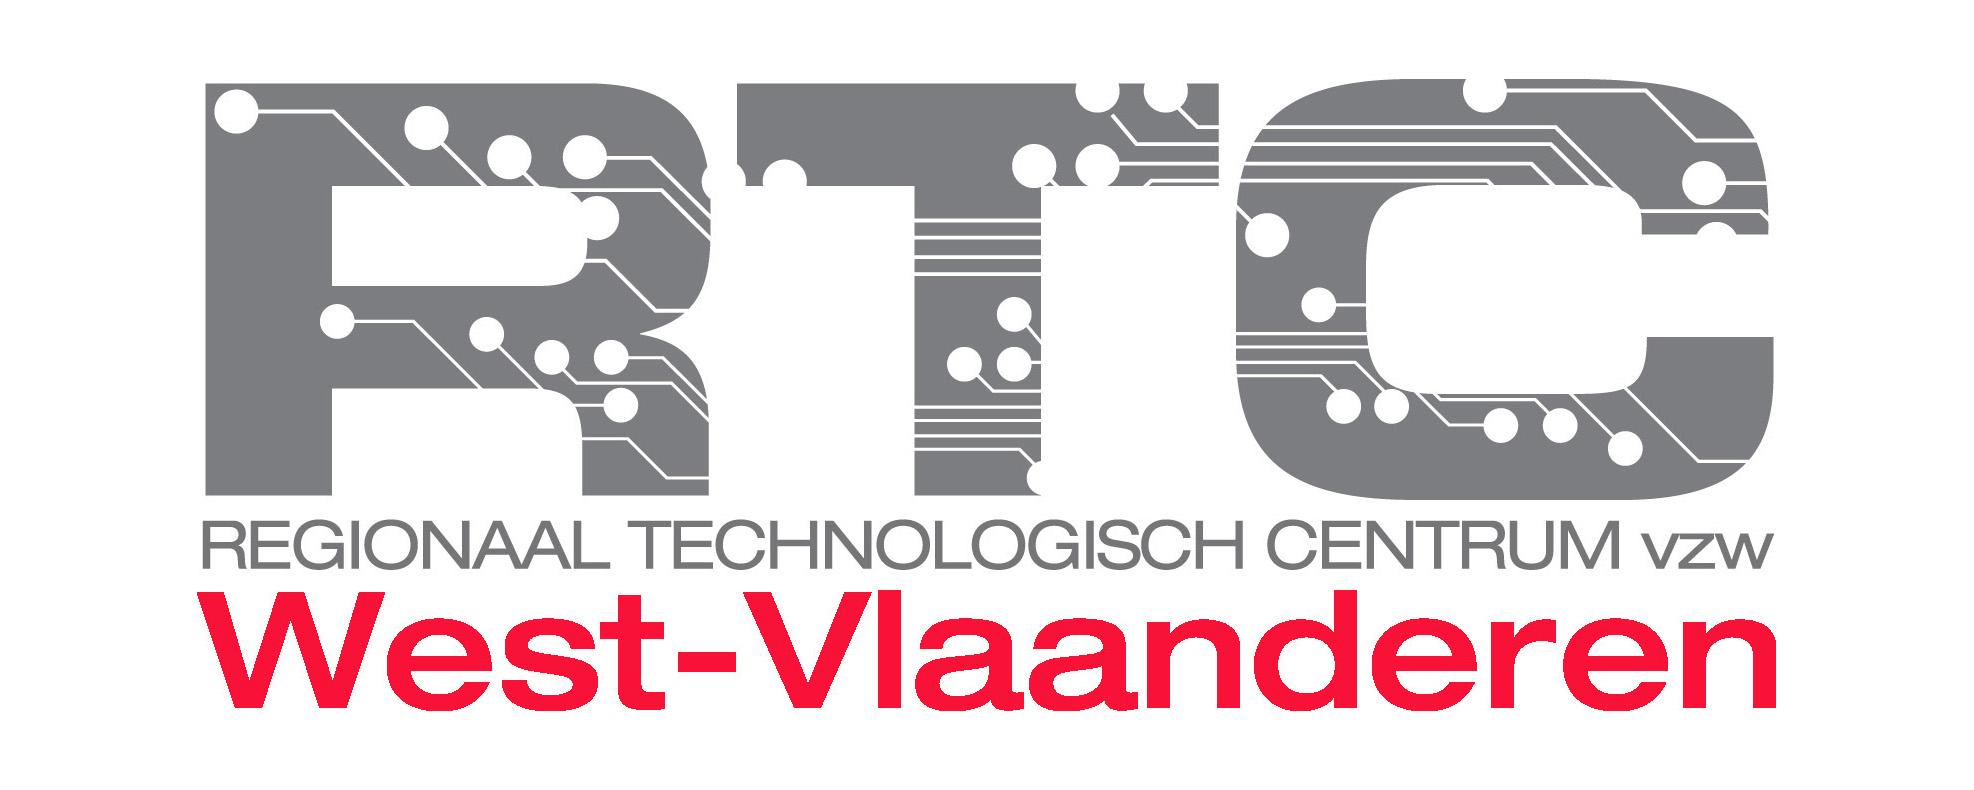 RTC-WestVlaanderen logo juist met wit kader.jpg